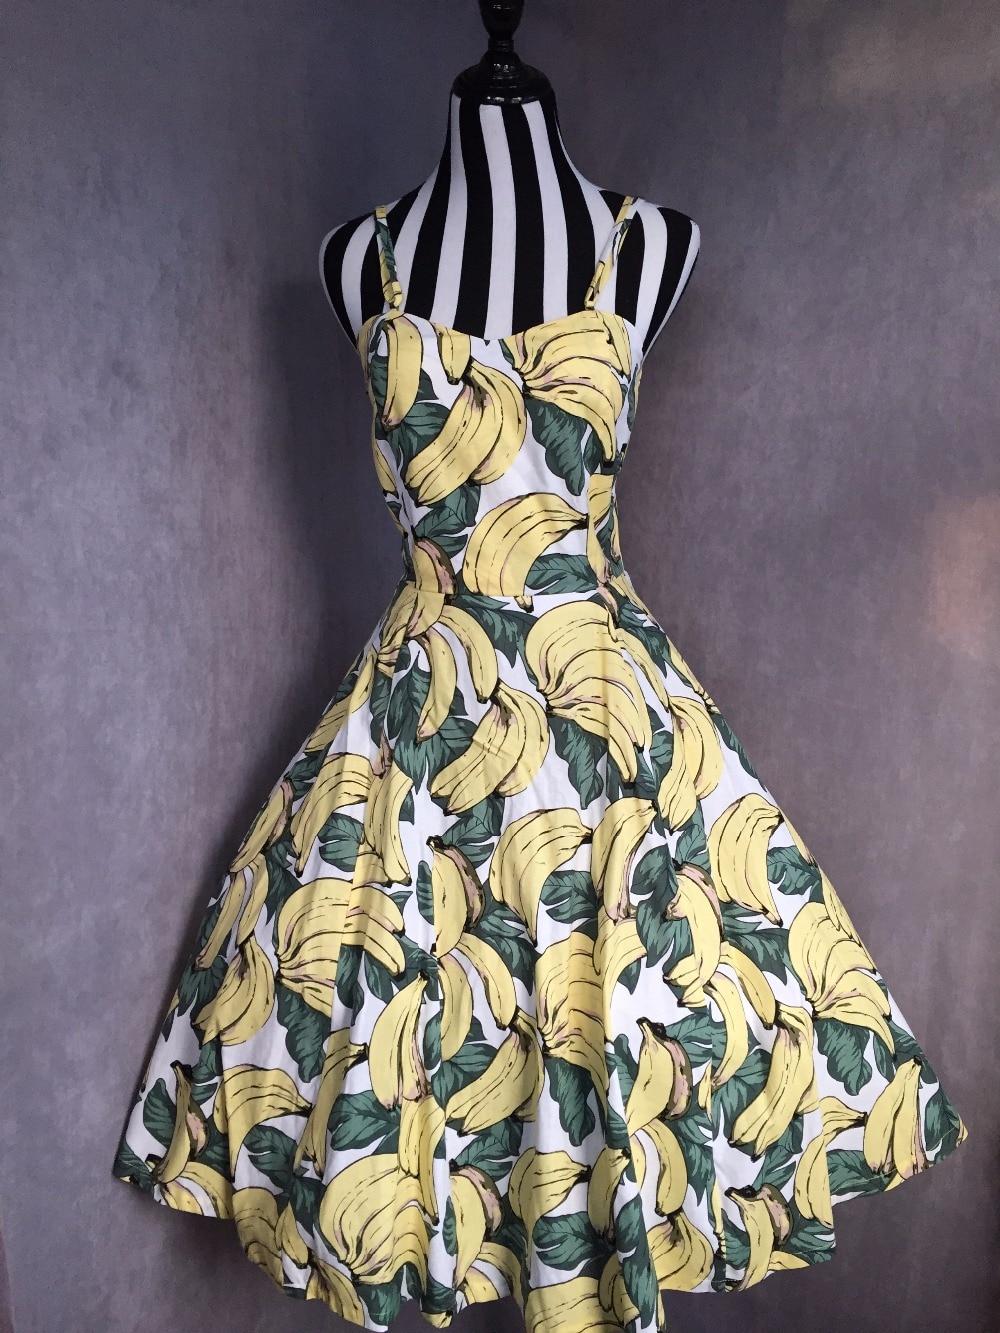 Della Jurken Show Dress Sundress Swing Spaghetti Midi Vestido Stampa Pinup S Rockabilly Size Dell'annata Cinghia Estate Banana 50 Di Gialla As Plus Donne wP4RBB